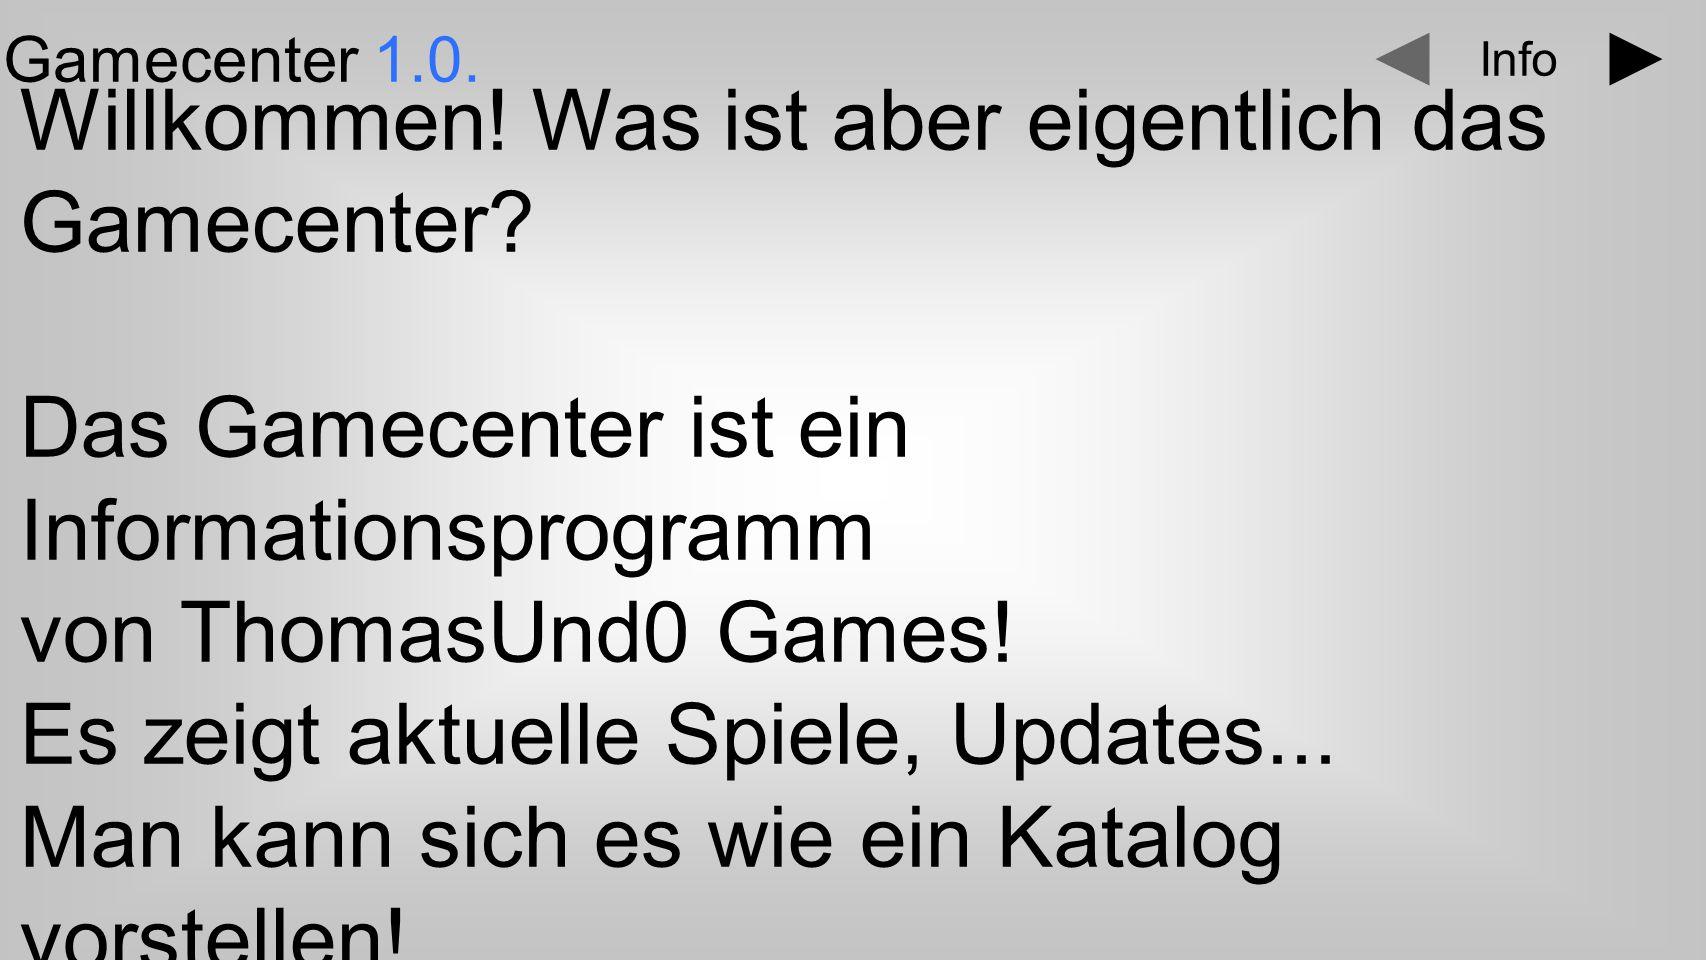 Text Gamecenter 1.0.Neue Spiele in Sicht. Bad Ways 1.0.